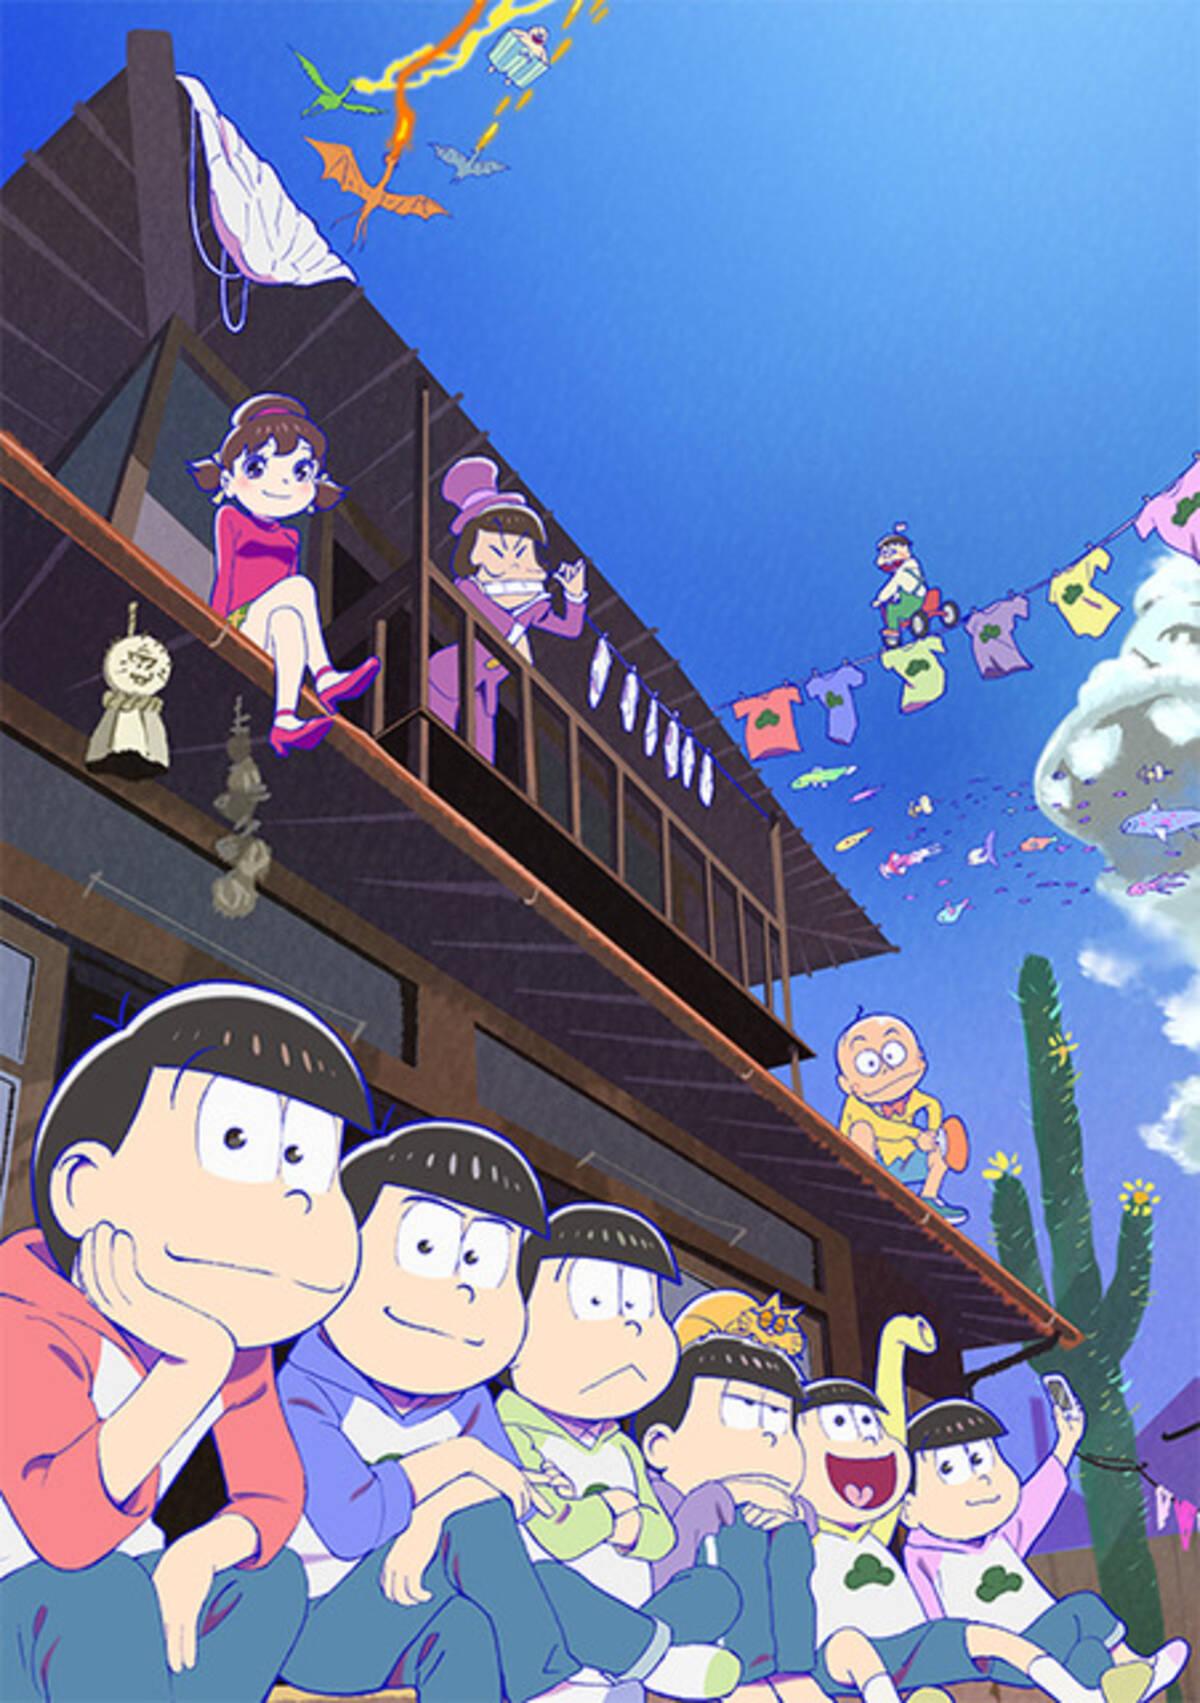 アニメの 愛すべきオバカさん といえば 3位 バカテス 吉井明久 2